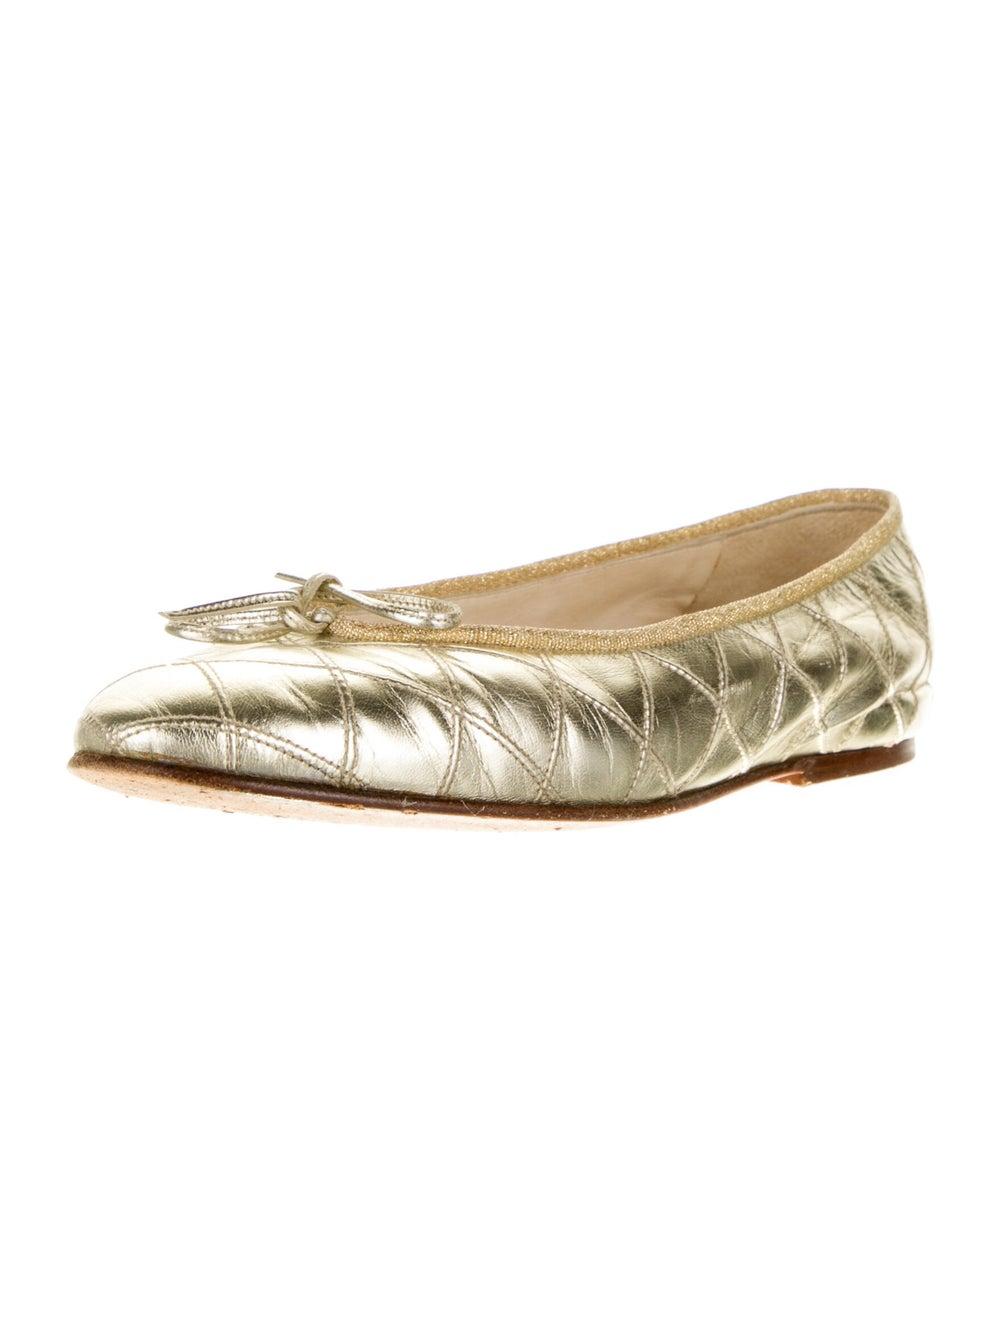 Chanel Vintage 1990's Ballet Flats Gold - image 2